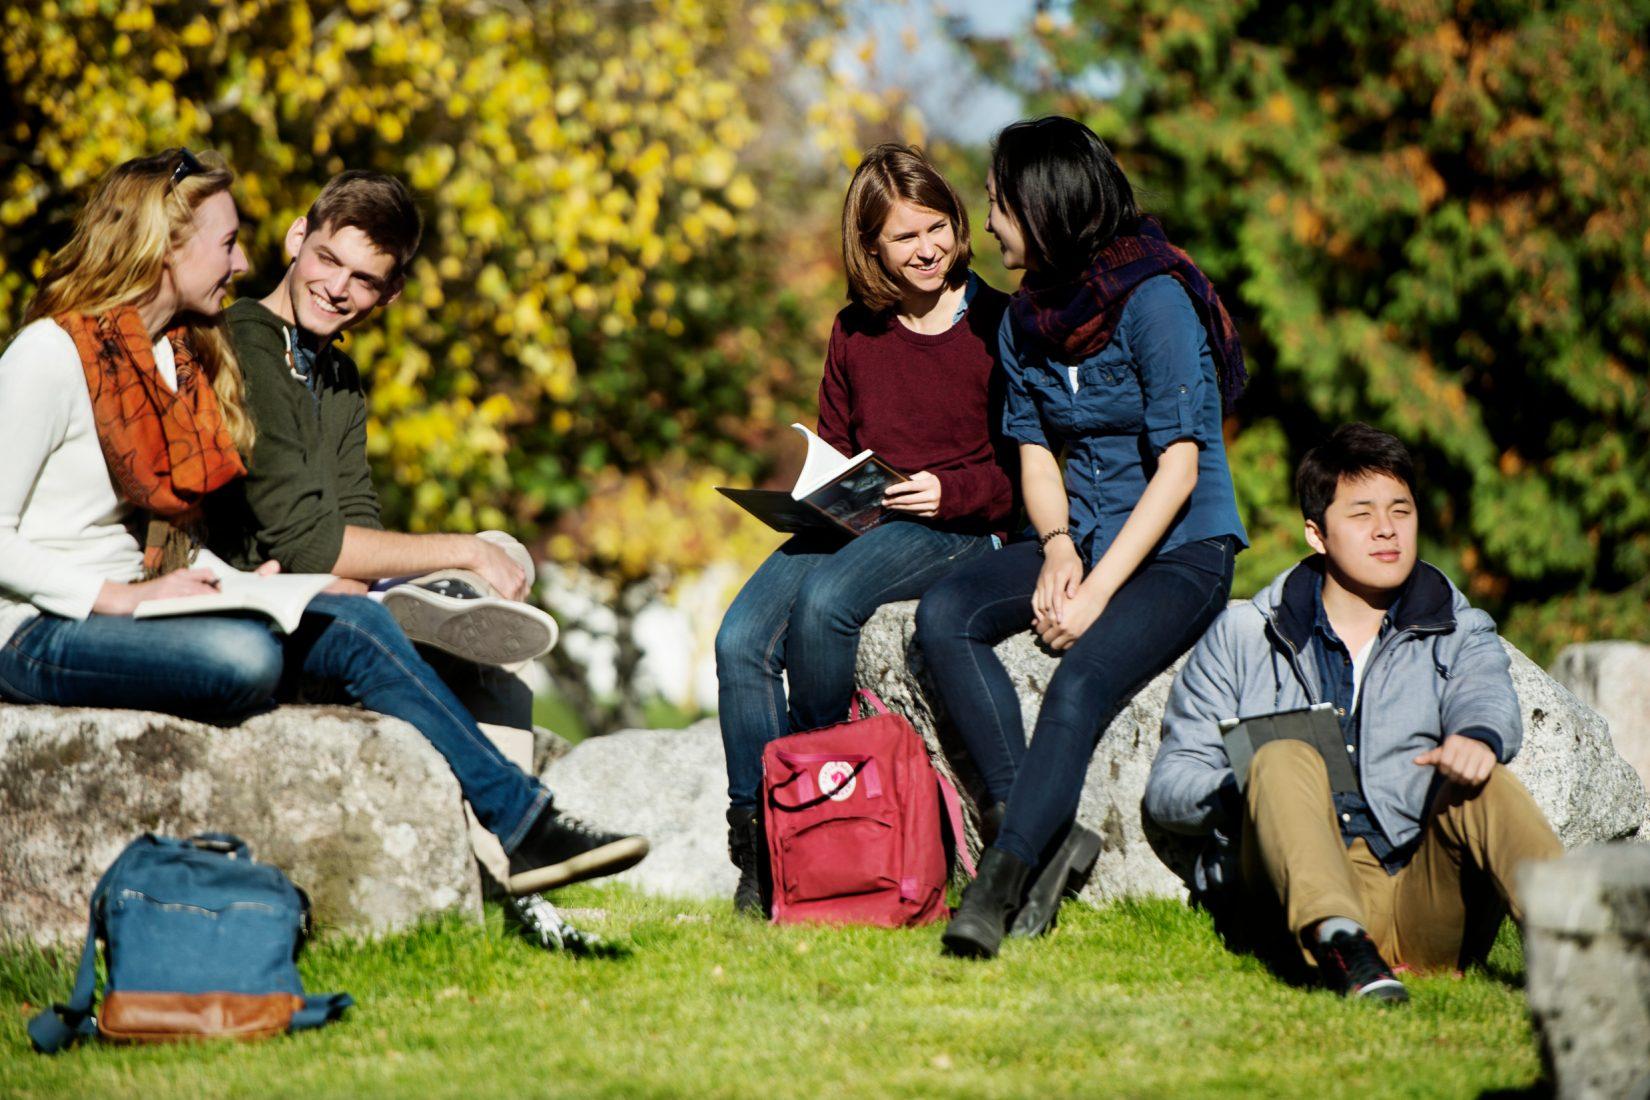 En grupp studenter som sitter utomhus och umgås och studerar.